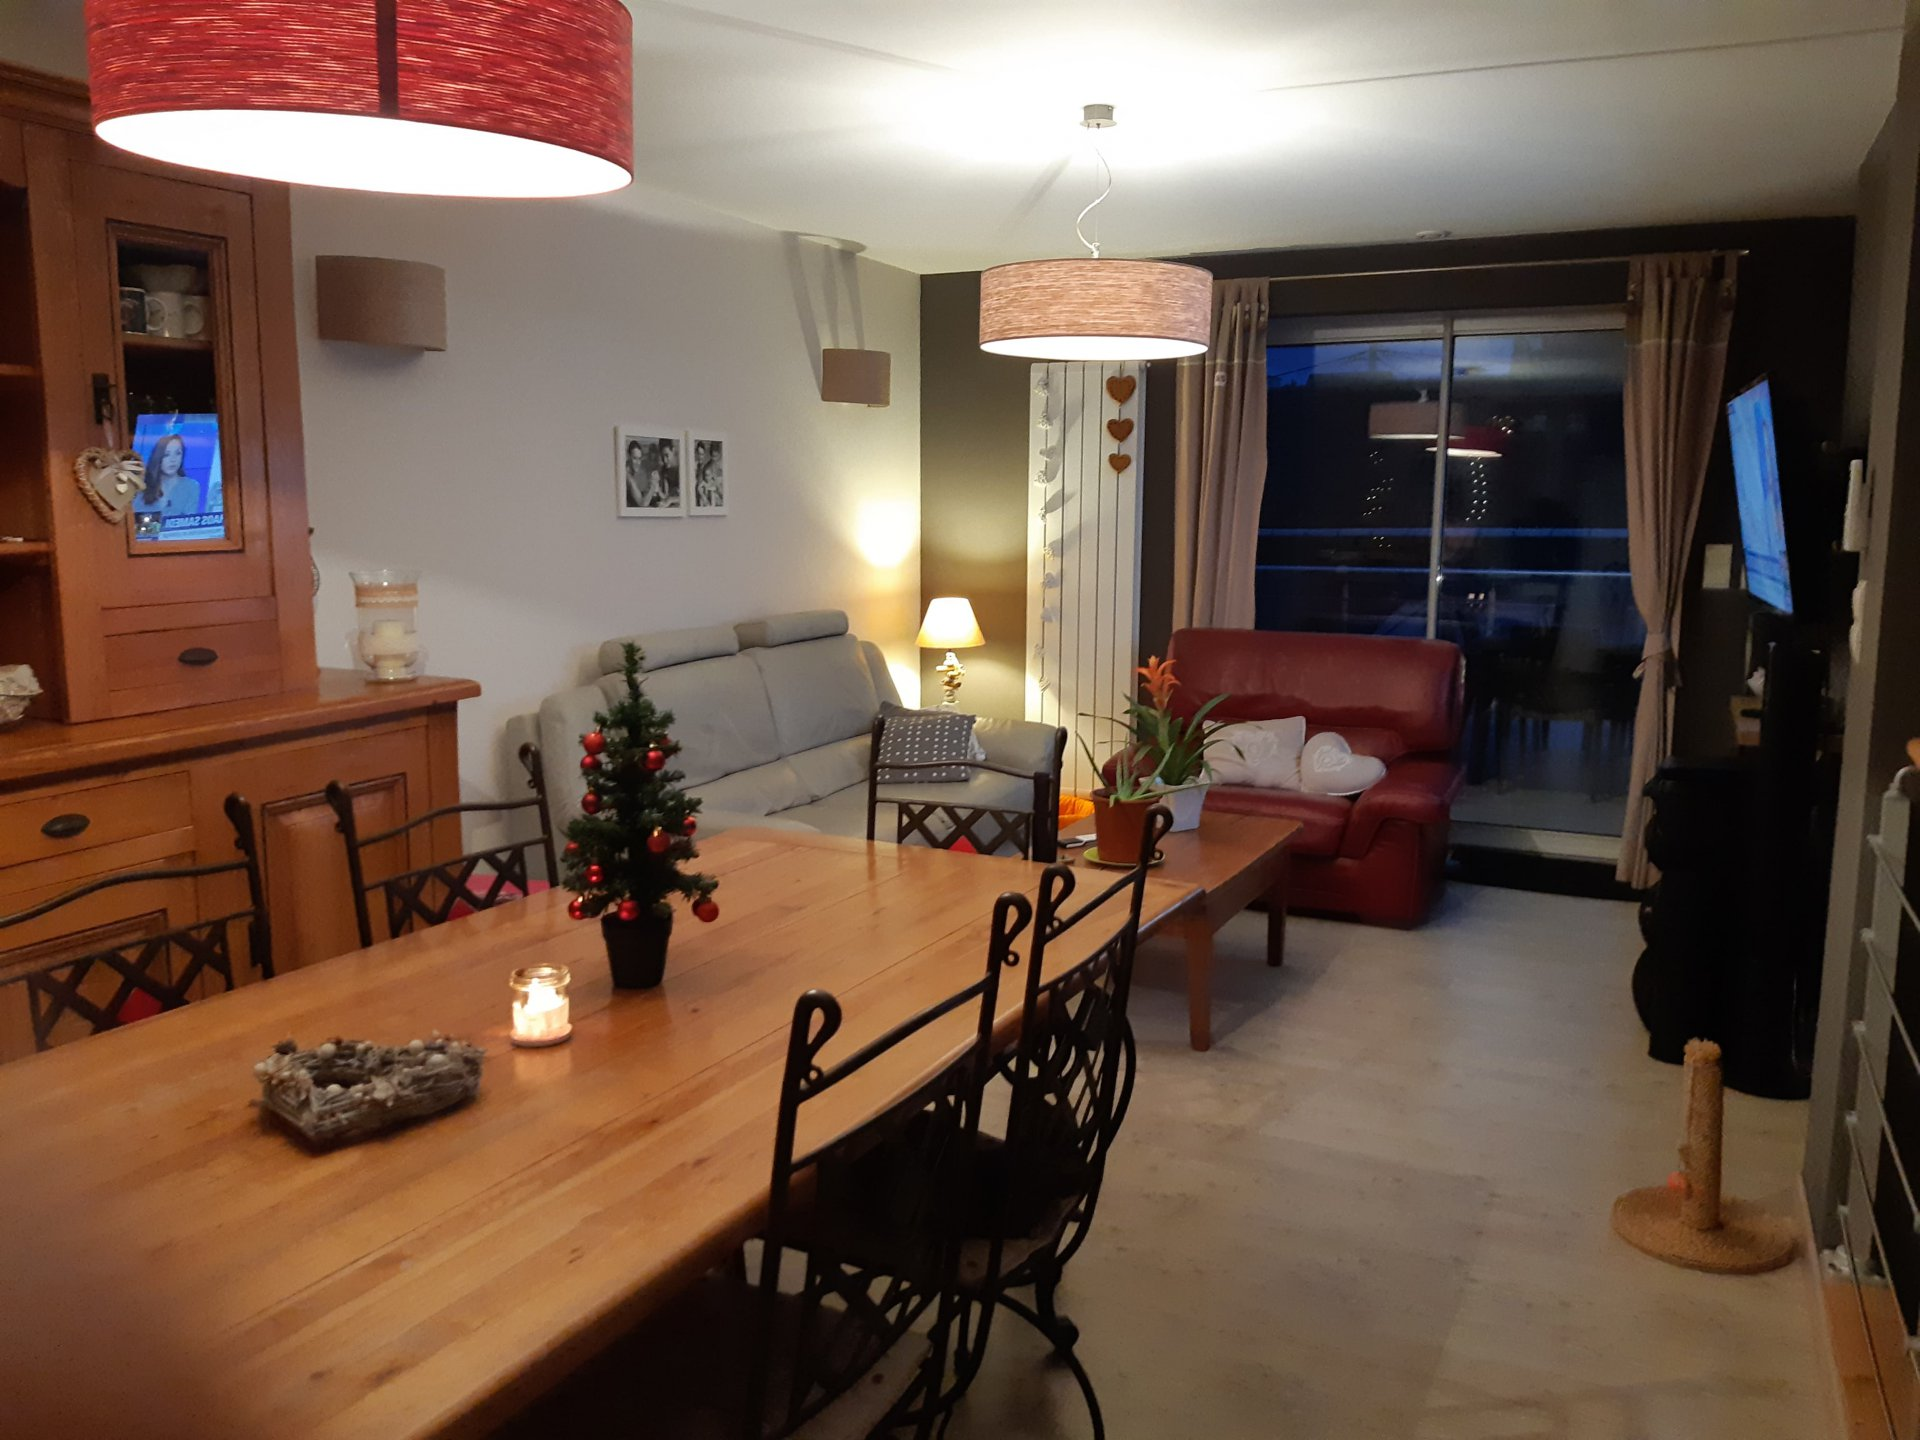 5571CSM - Maison compr. 3 appts - 30 mn VICHY